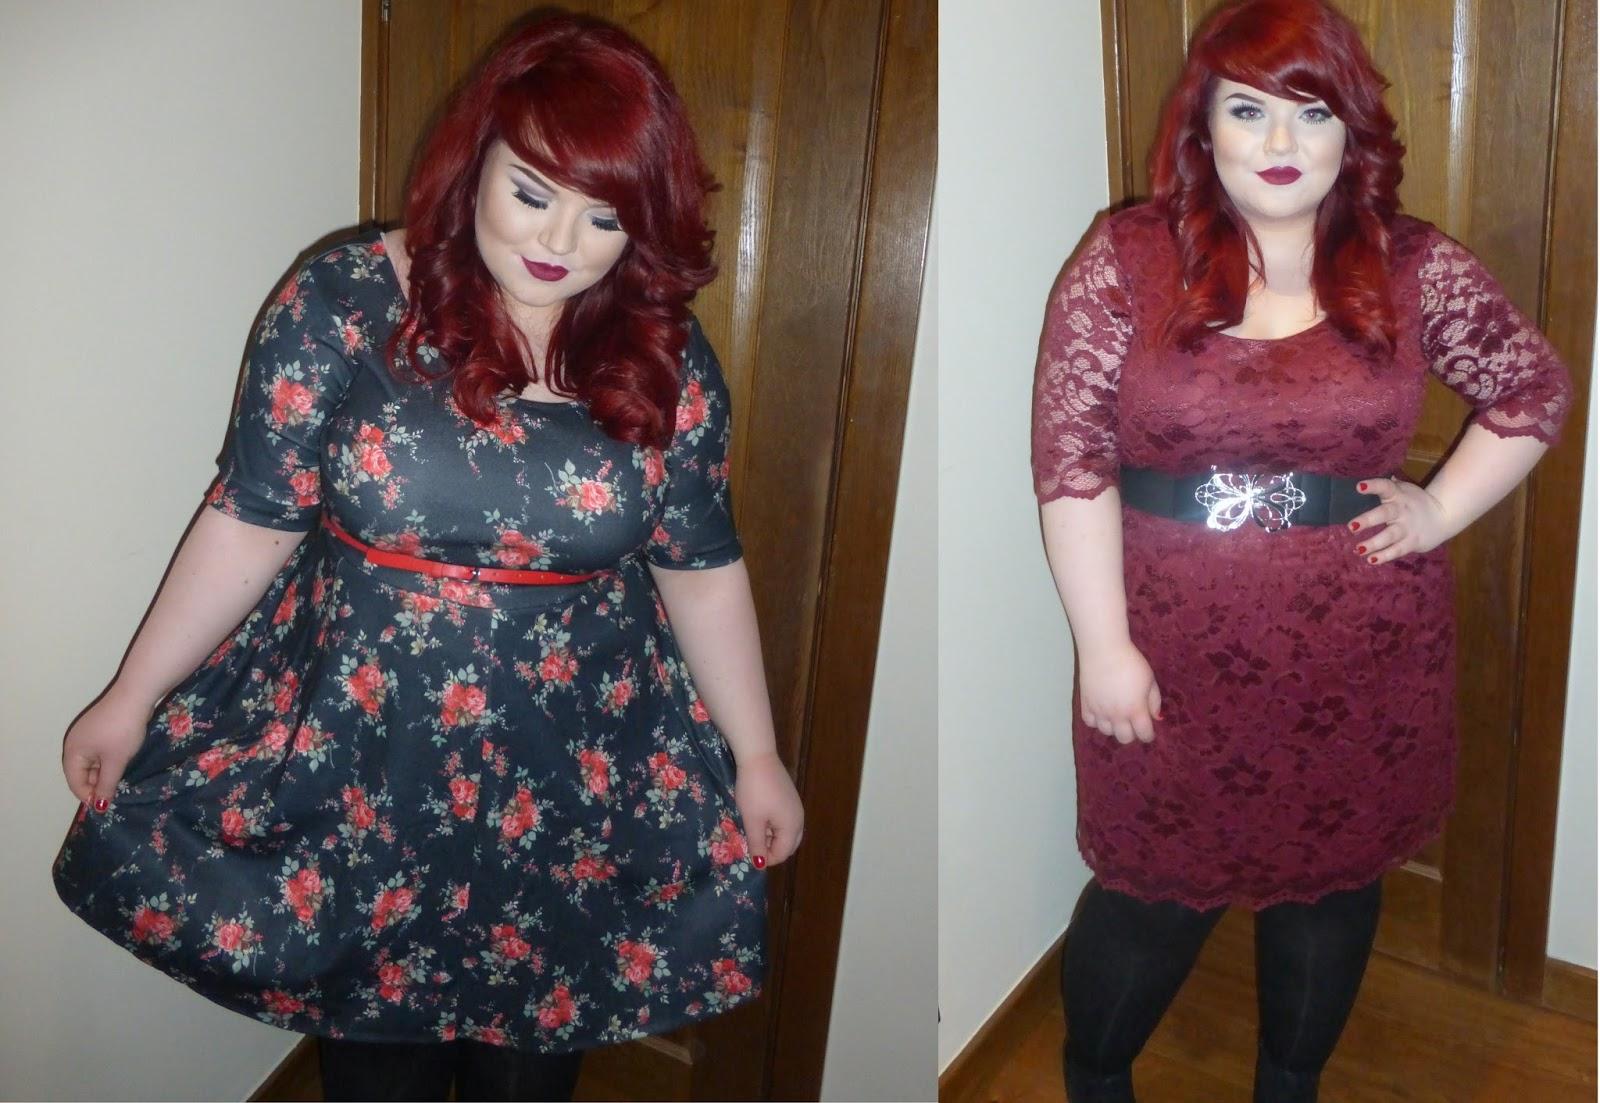 boohoo plus size dresses Ashley Lace Skater Dress and ella floral belted skater dress